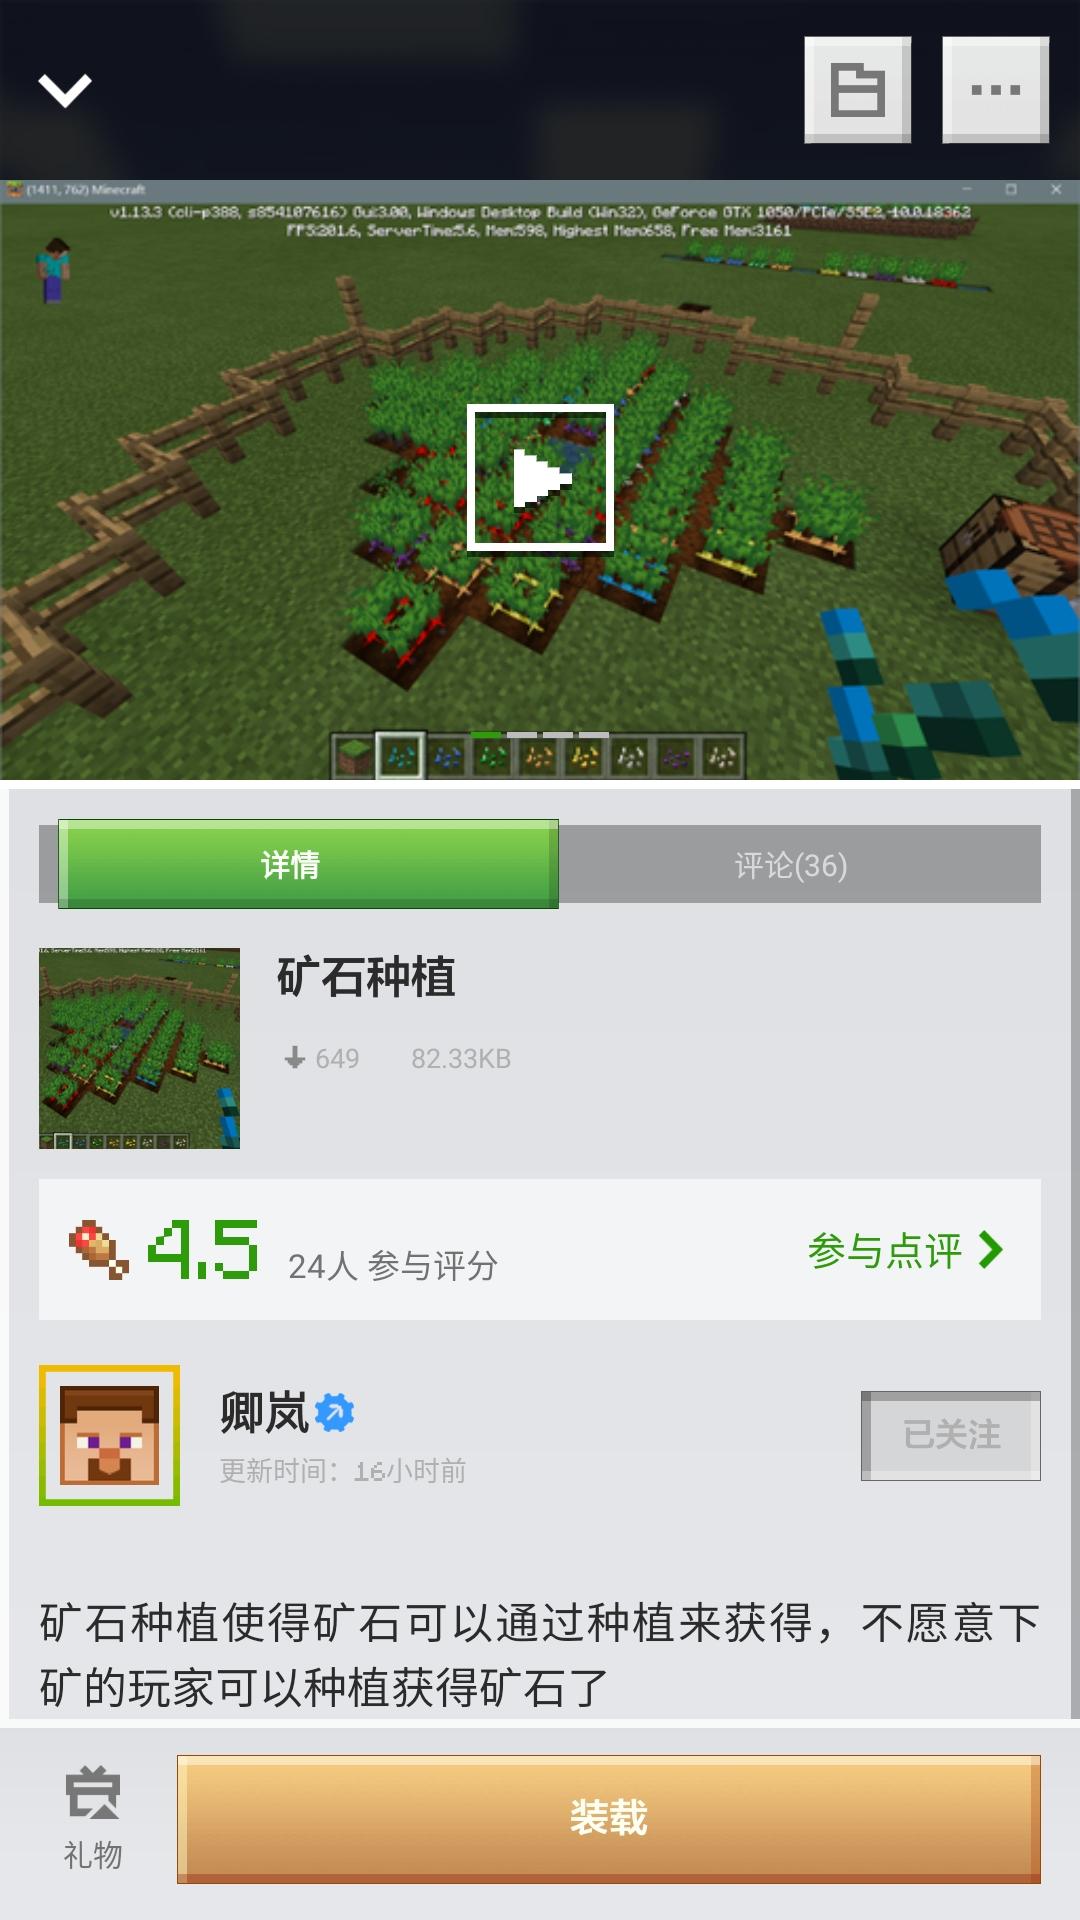 Screenshot_2020-04-28-21-56-31-281_com.netease.x19.jpg